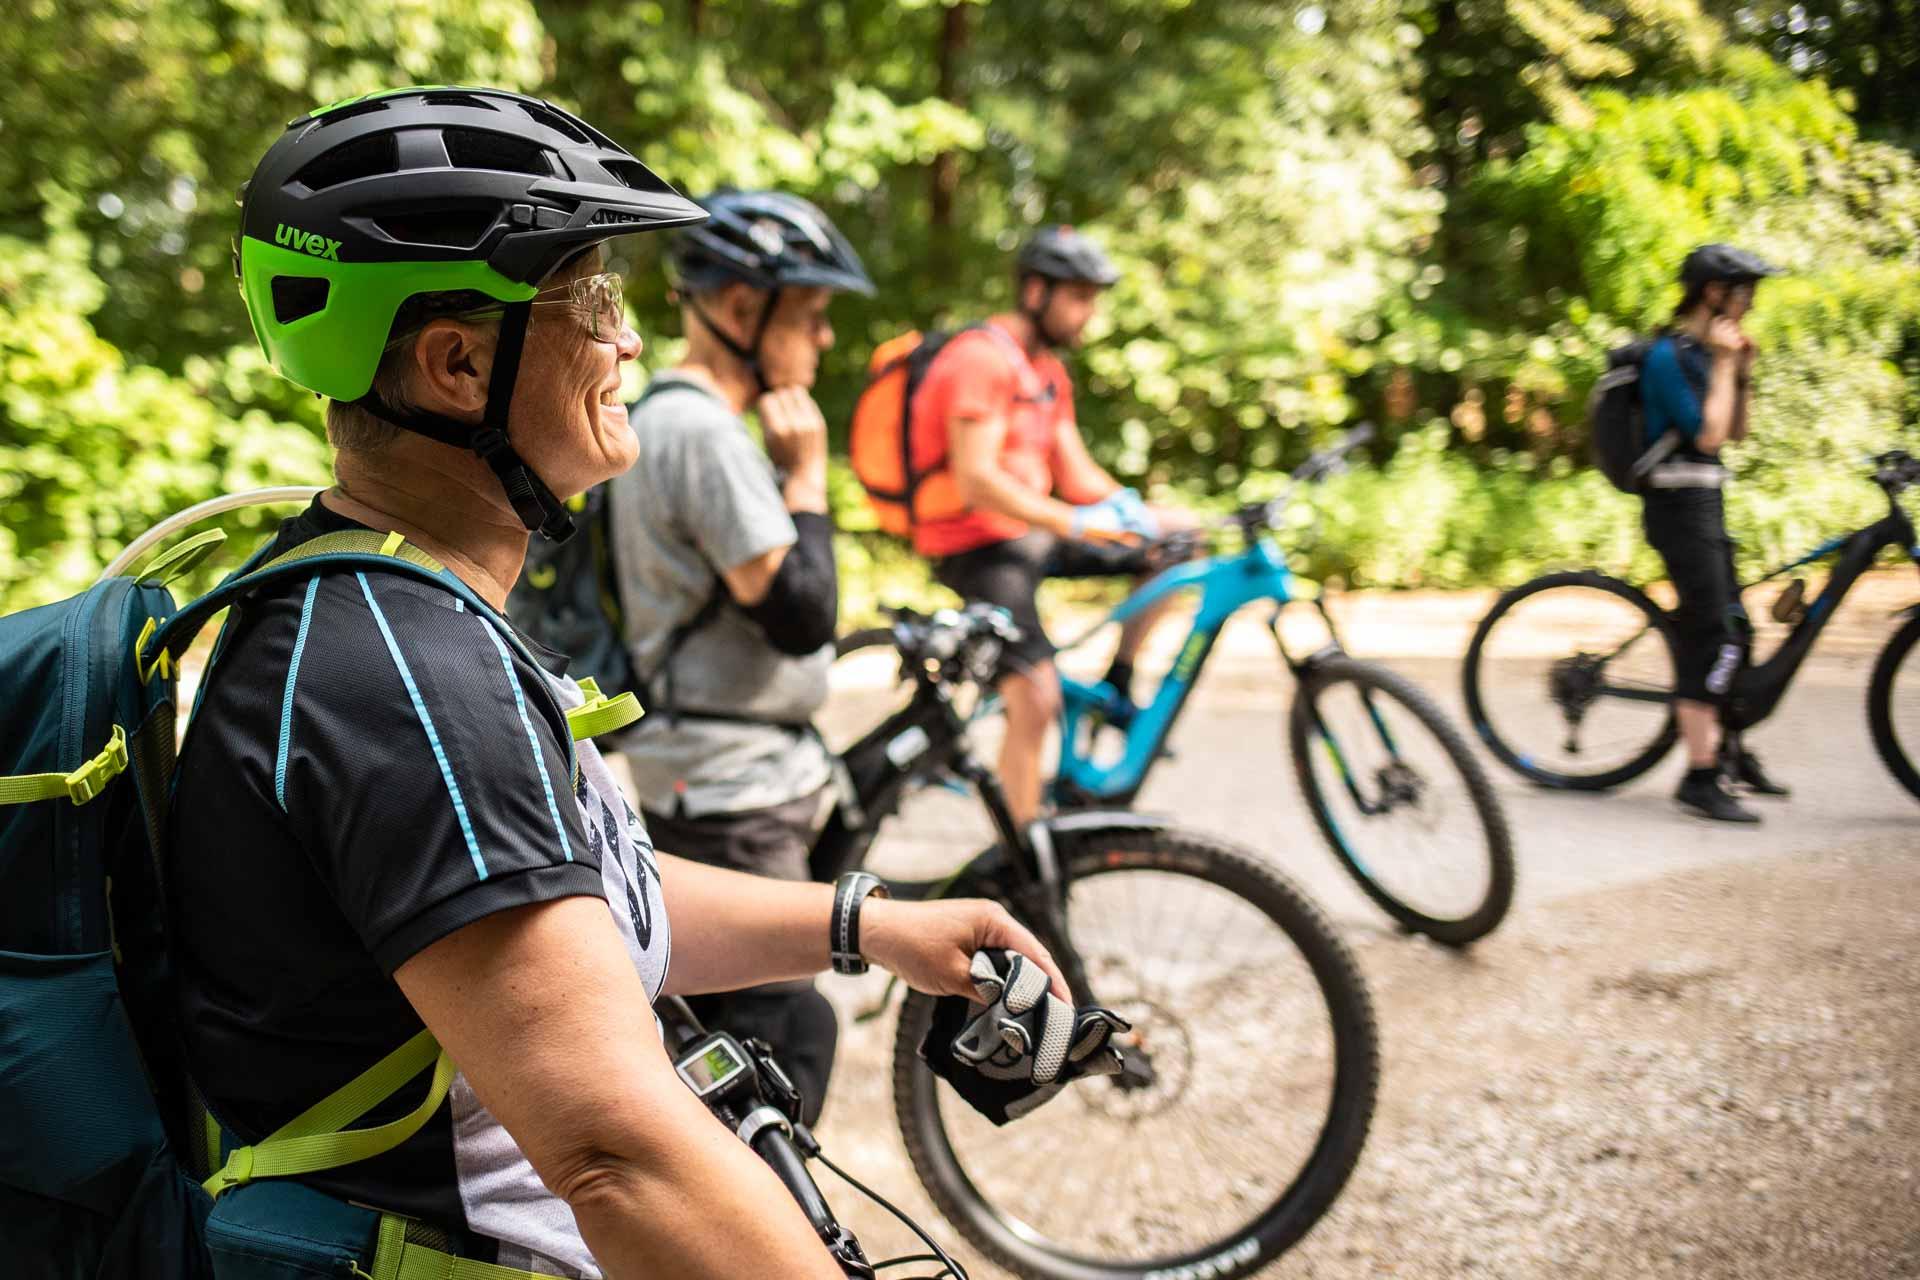 MTB Fahrtechnik Kurs für Einsteiger in Bad Orb   Spessart - Mountainbike Basic - Rock my Trail Bikeschule - 26